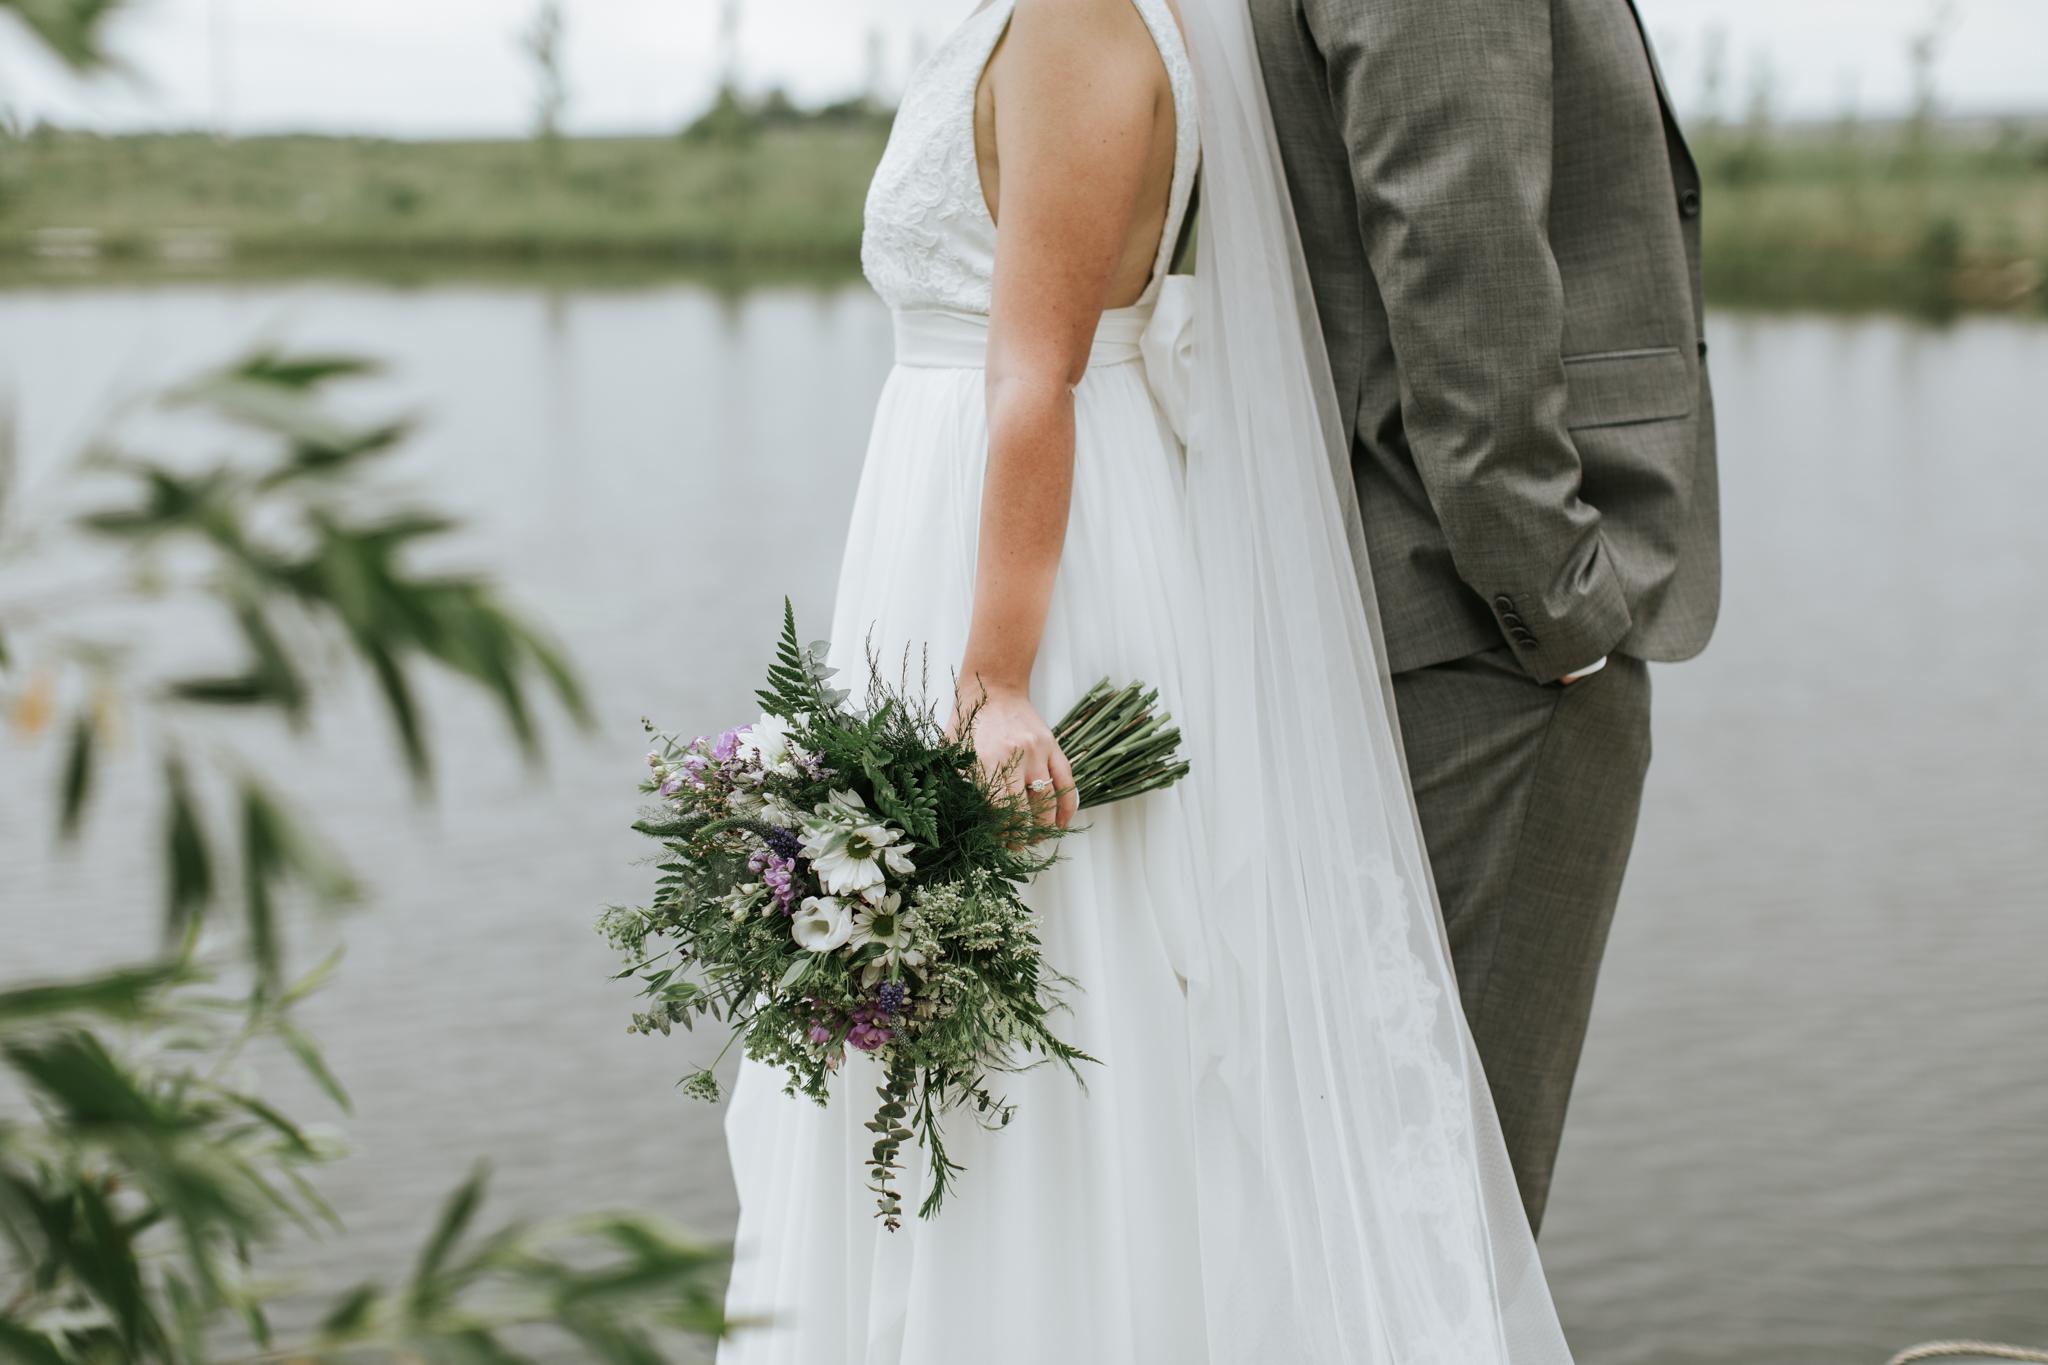 wildflower bride groom flowers bouquet calgary